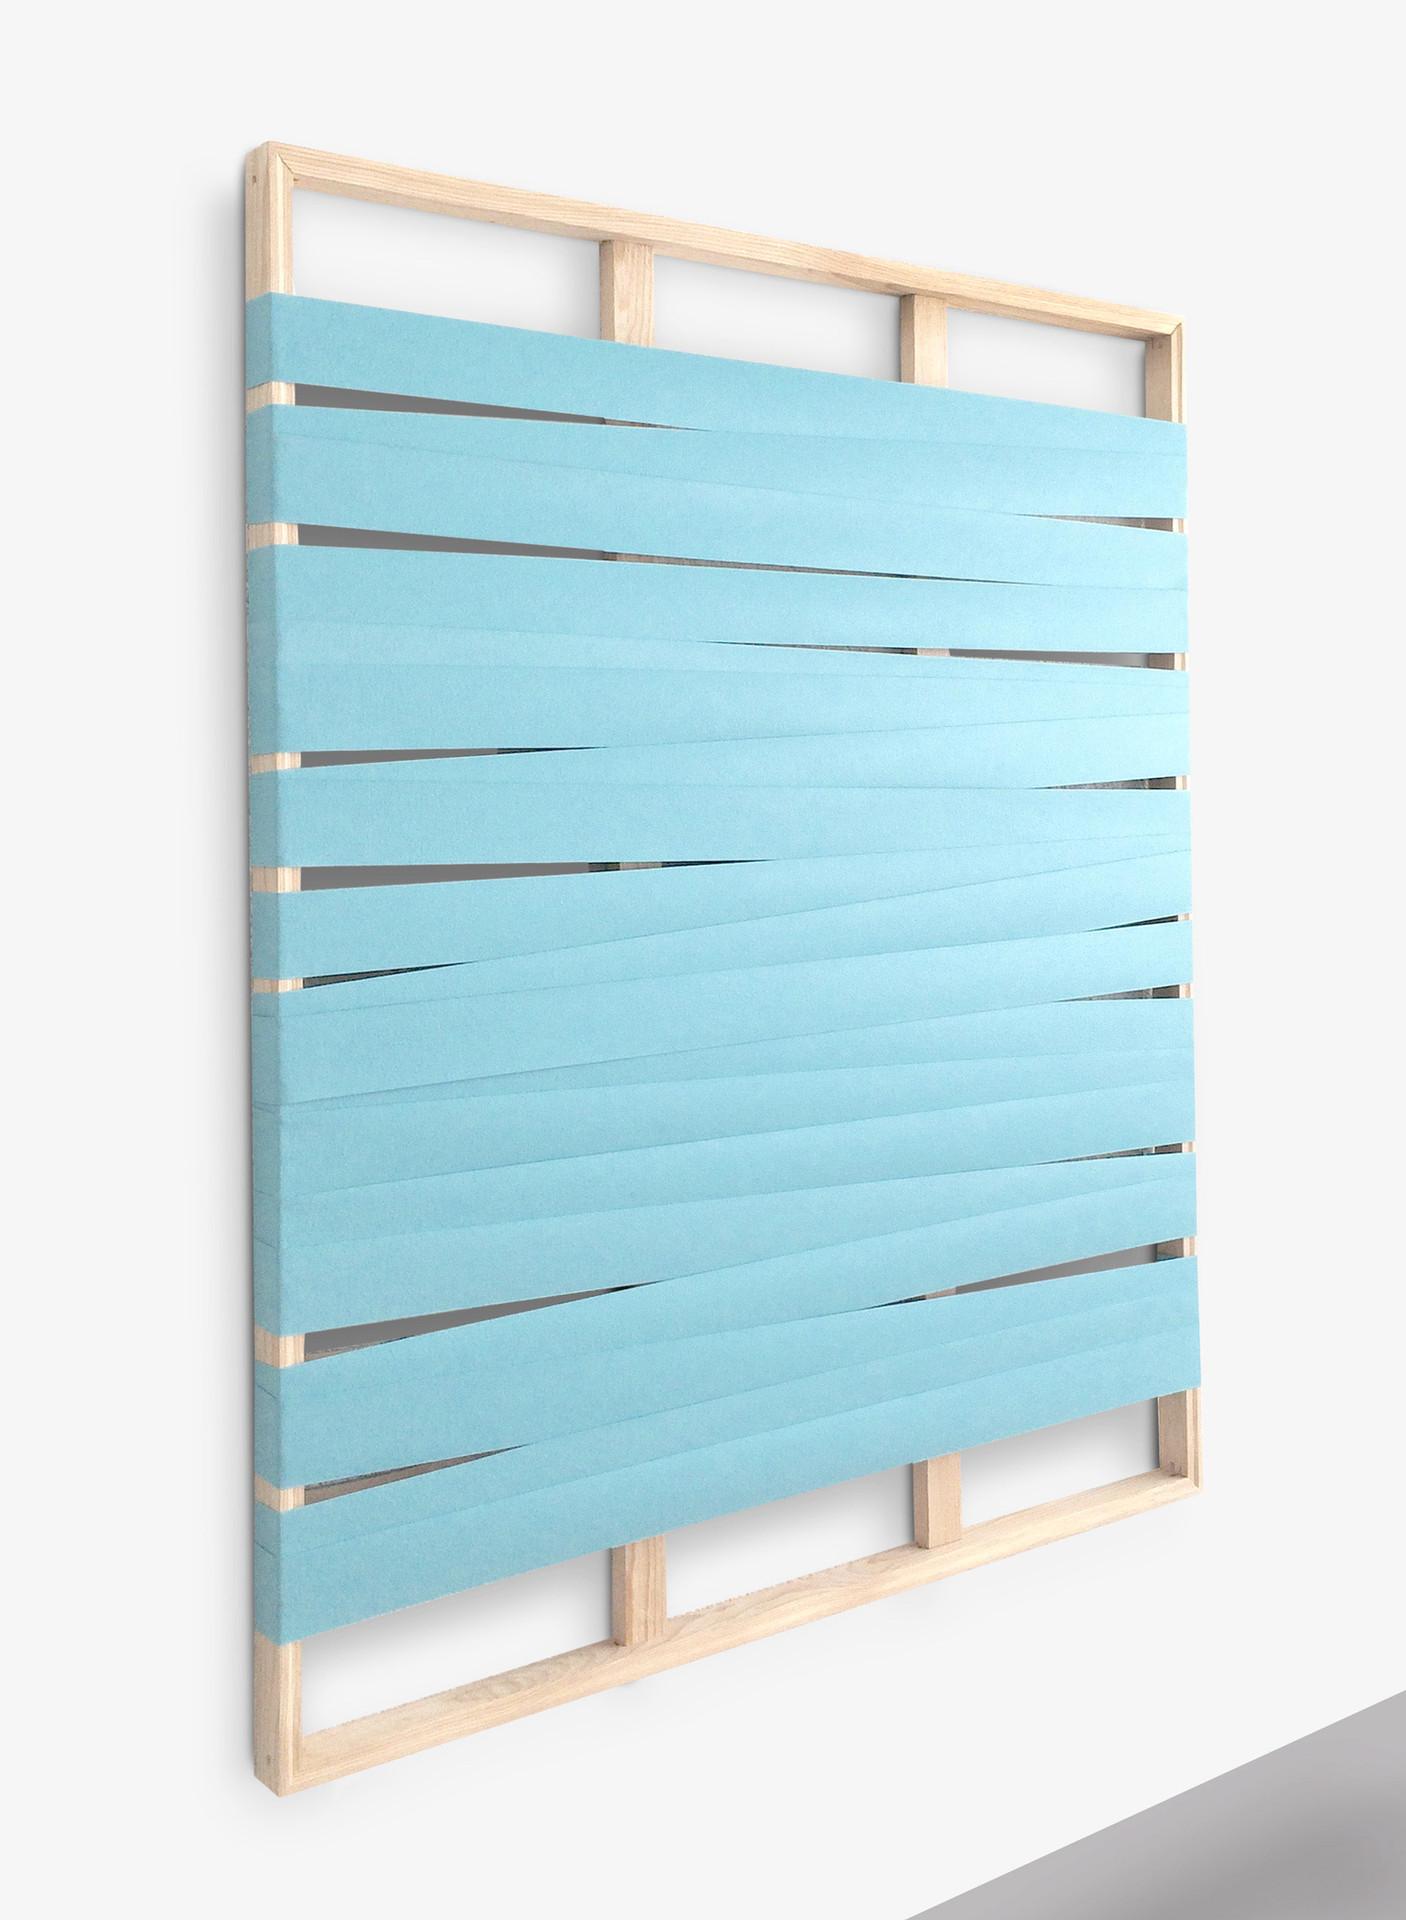 Lineas y espacios 5A, 2016. Acrylic on canvas. 132 x 106 cm.